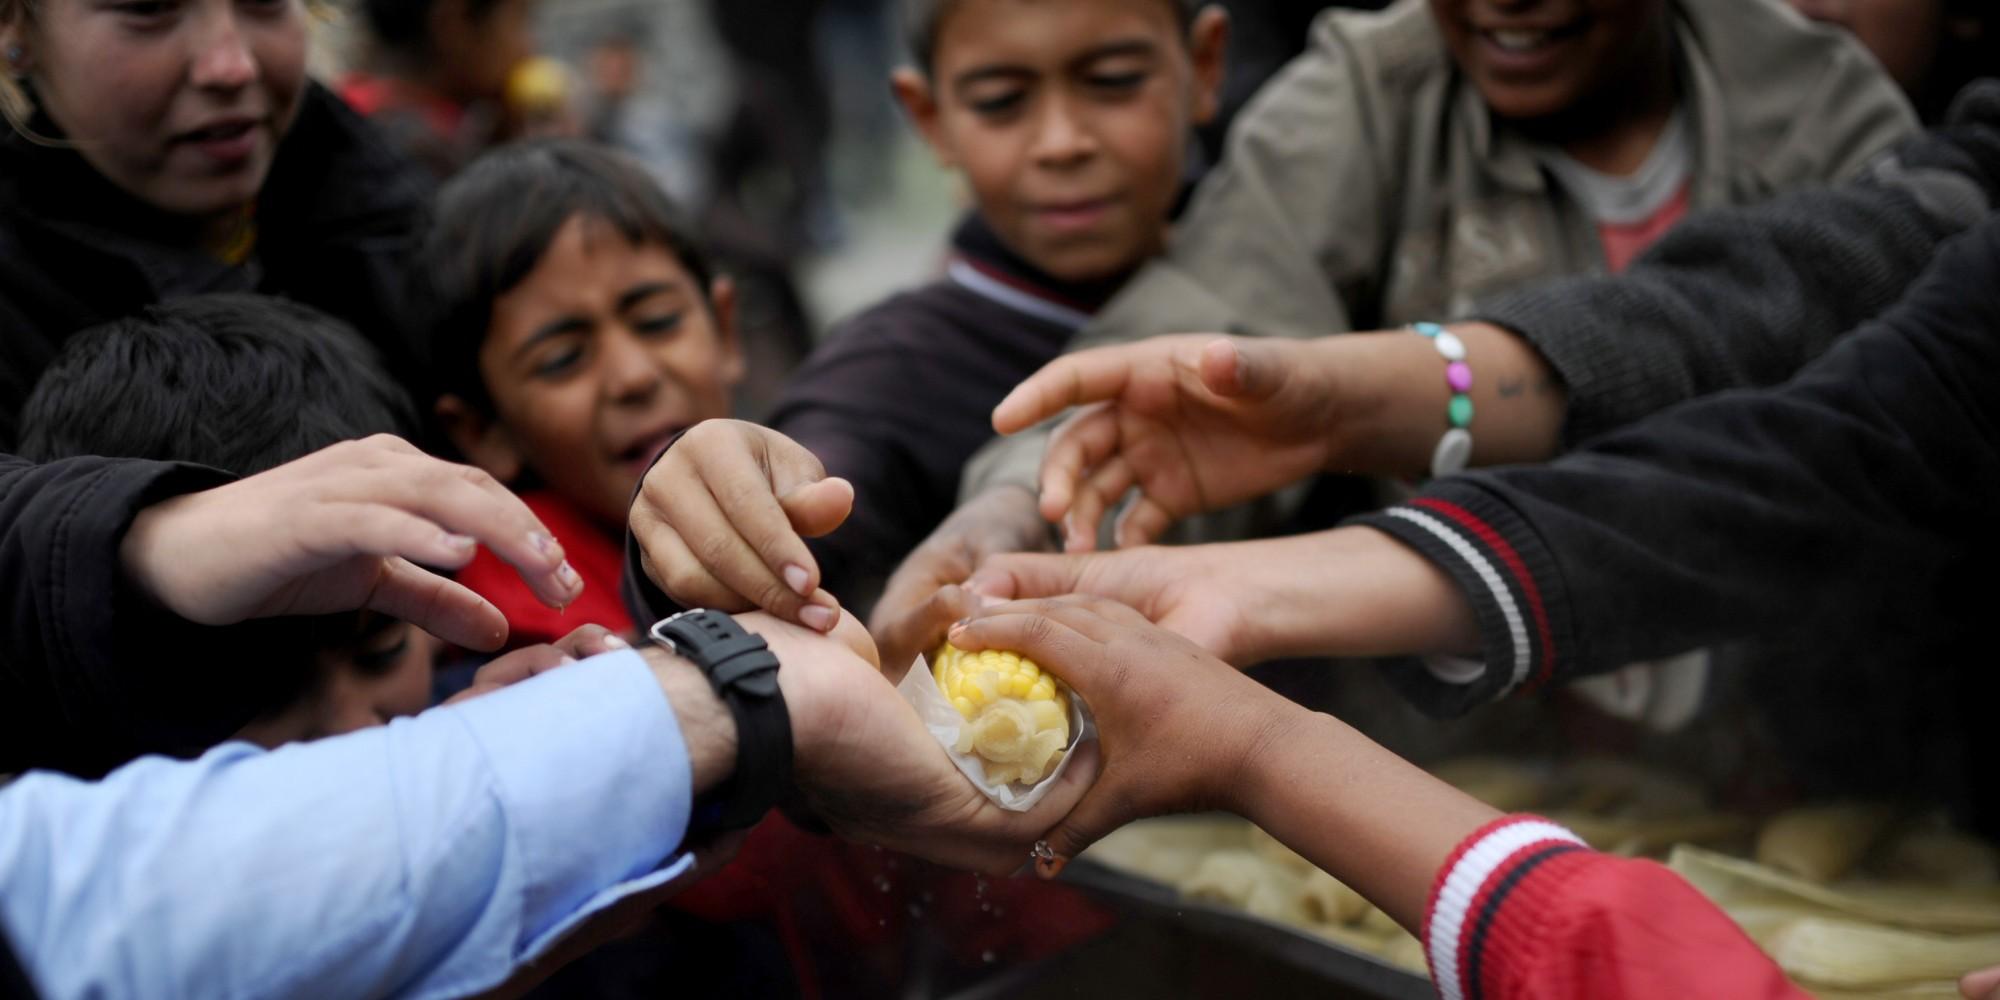 """الصراع السوري يضاعف عدد الفقراء """"قراءة في الأسباب والآثار والحلول الممكنة"""""""